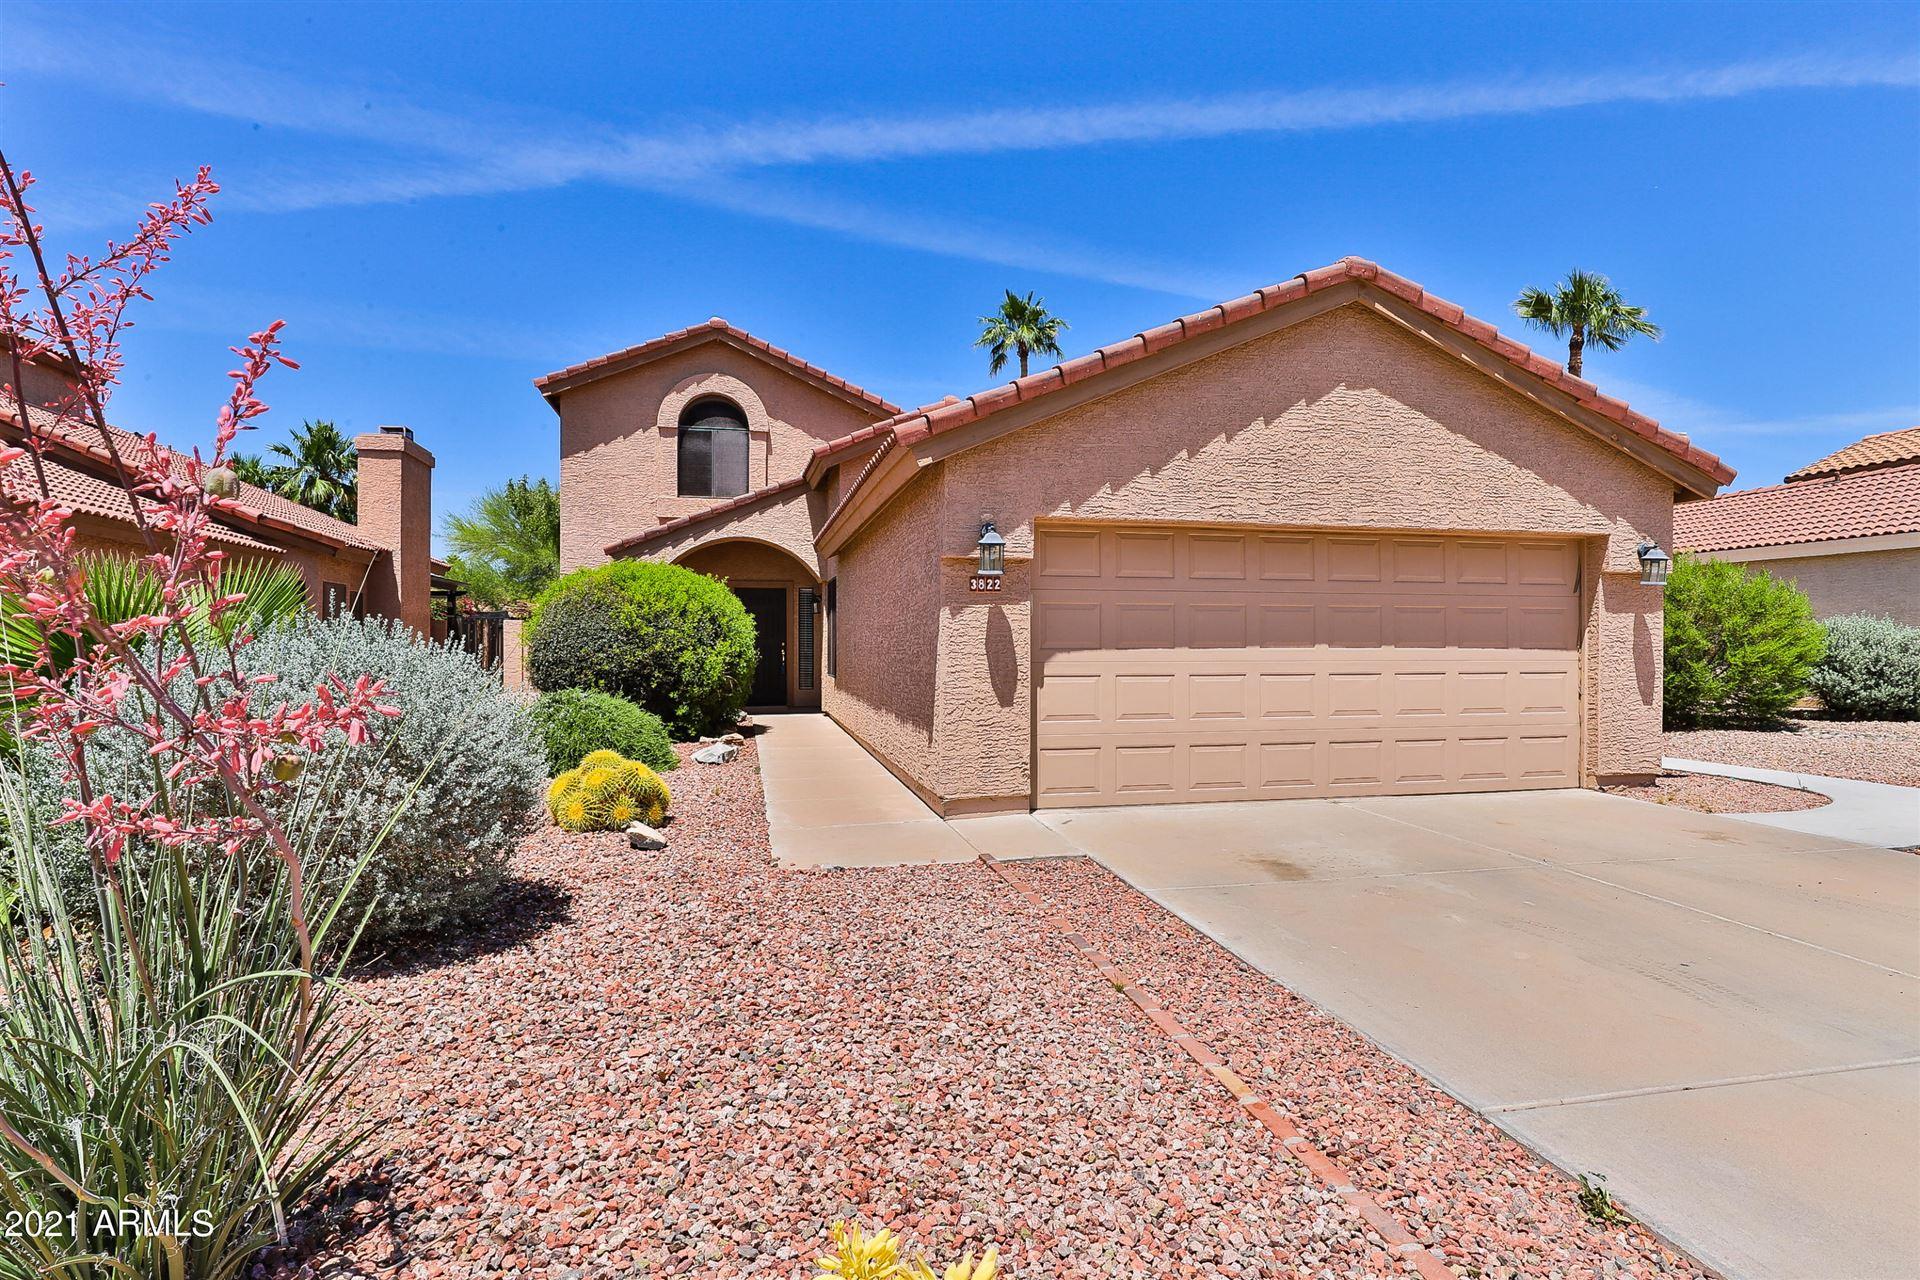 3822 E South Fork Drive, Phoenix, AZ 85044 - MLS#: 6232366